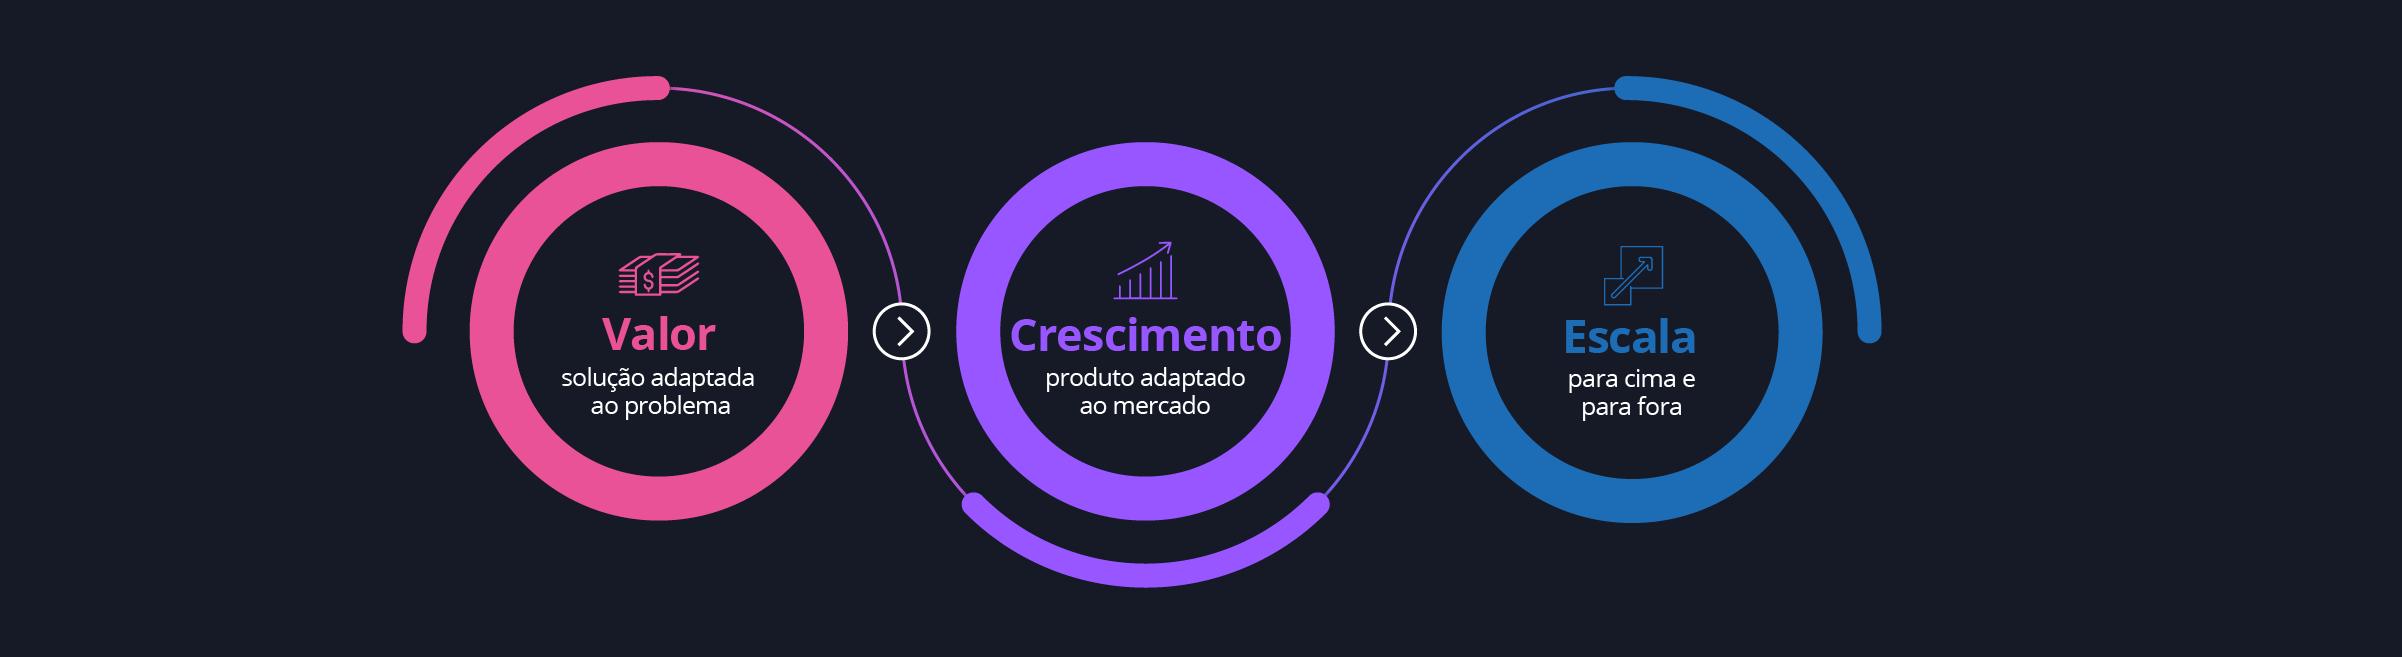 Diagrama - Ciclo de vida do produto